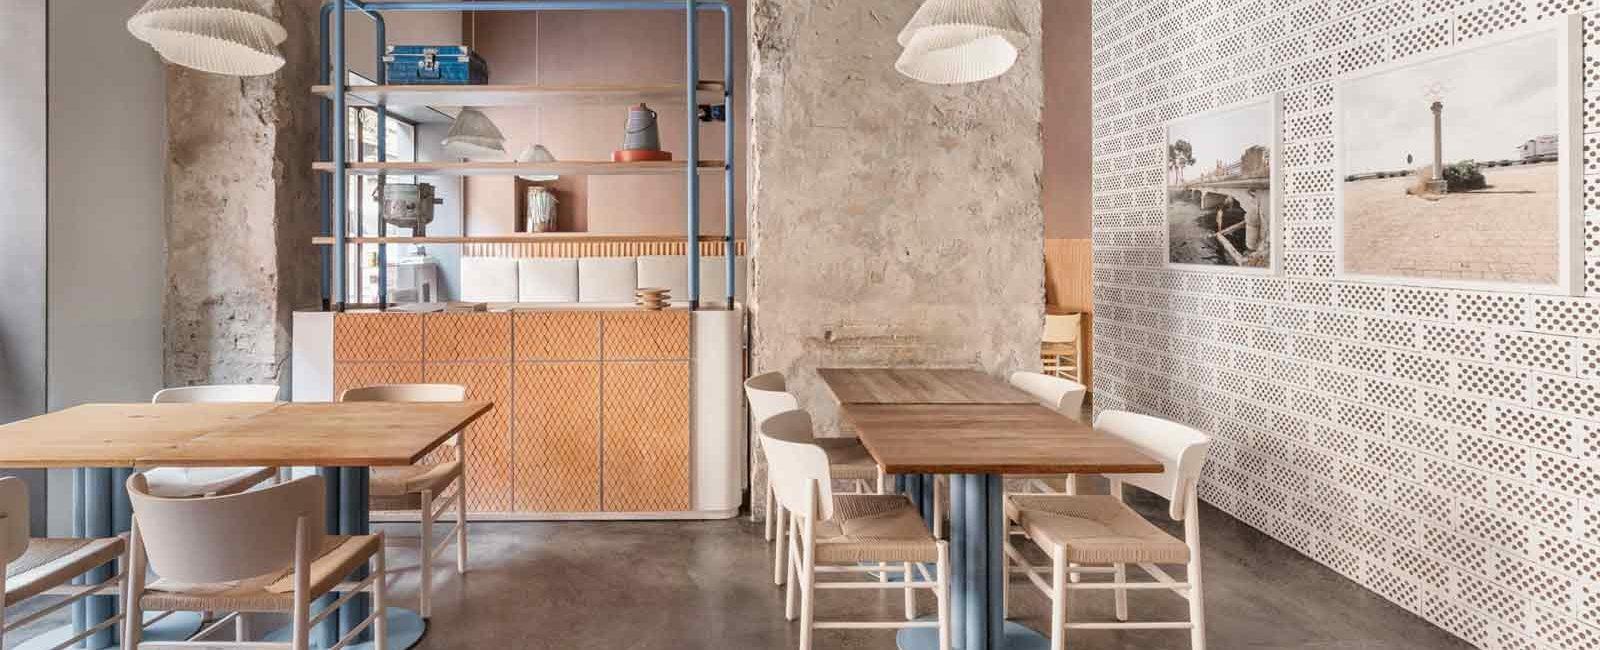 Cristina Celestino rinnova gli interni del ristorante 28 Posti a Milano